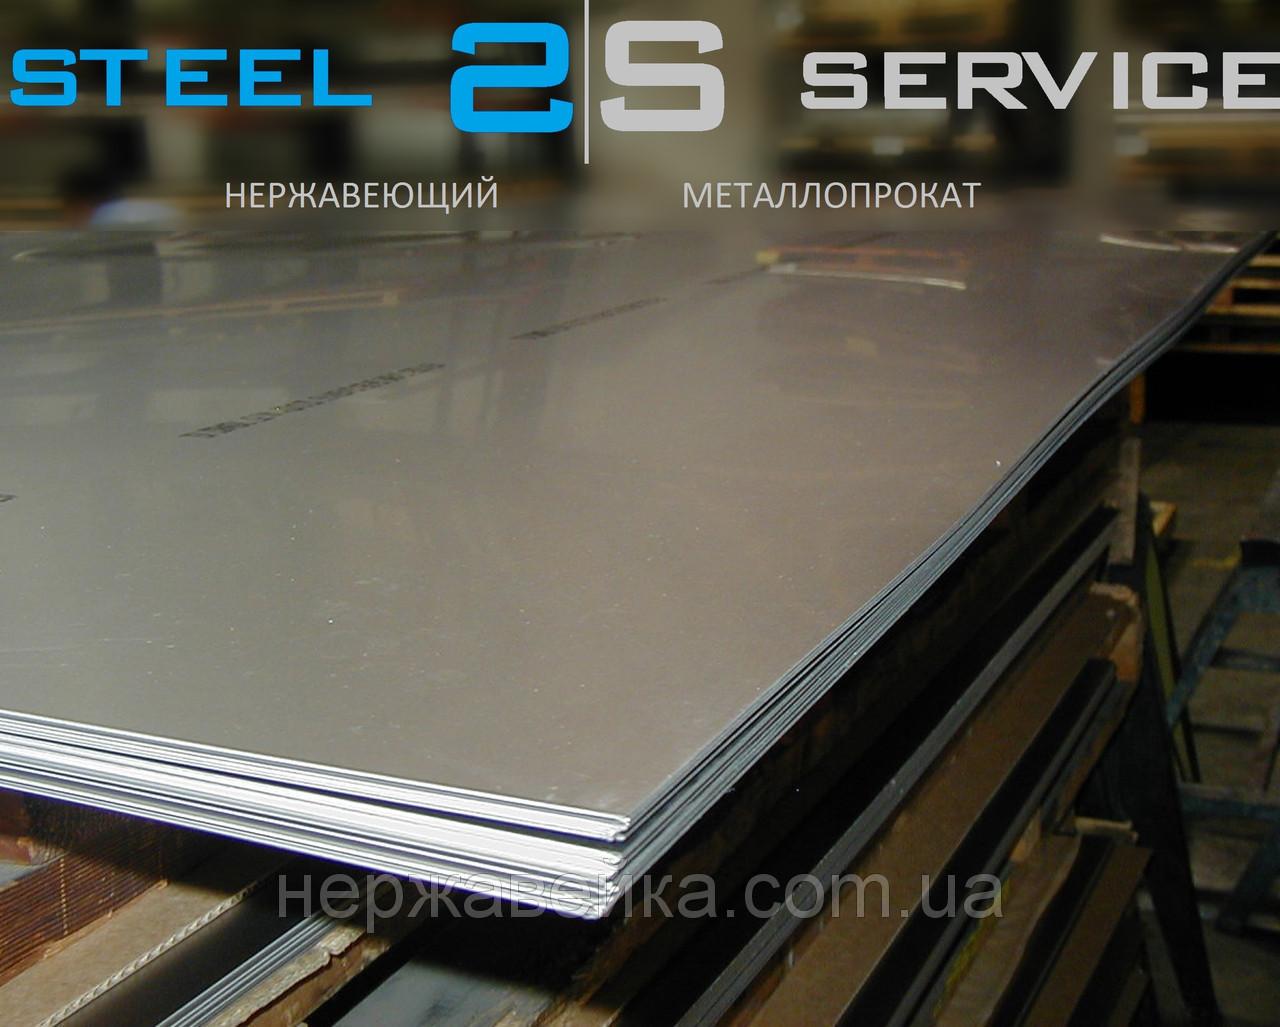 Нержавейка лист 14х1250х2500мм  AISI 304(08Х18Н10) F1 - горячекатанный,  пищевой